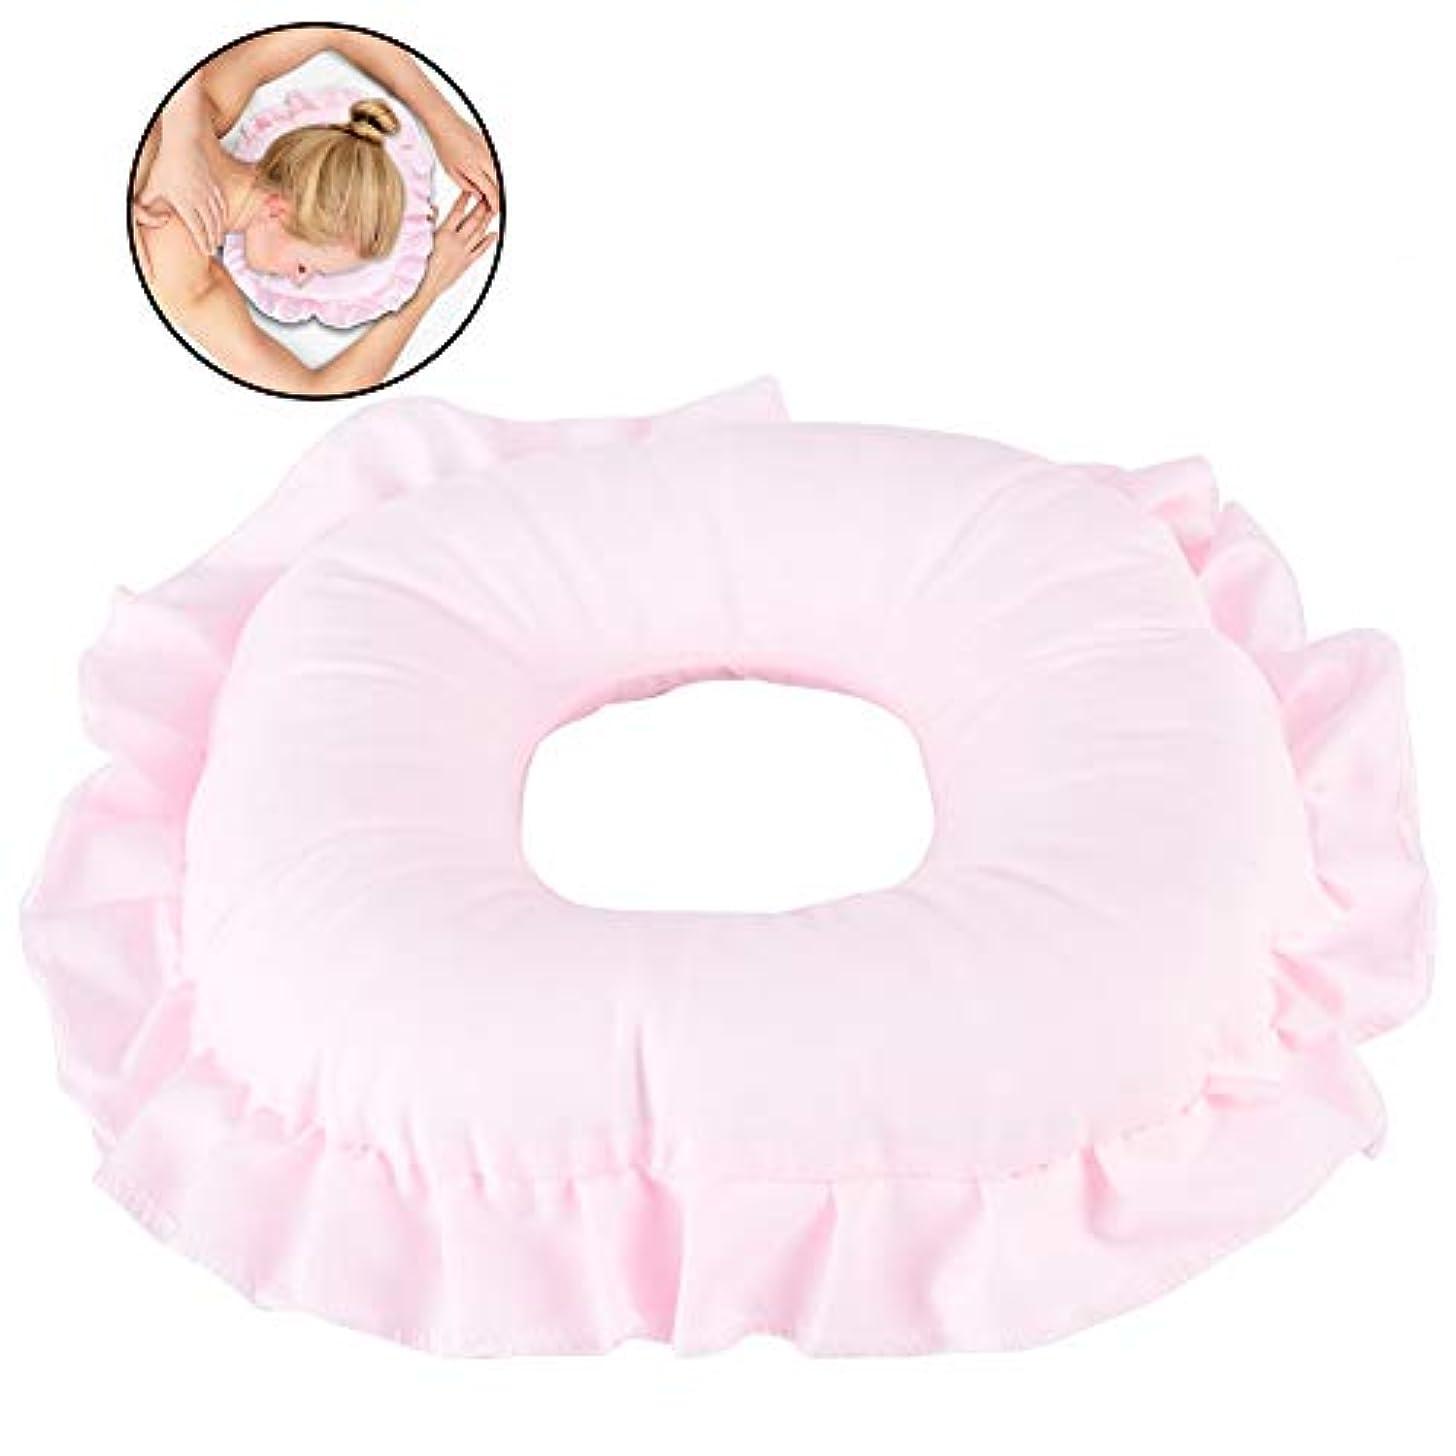 スパマッサージ枕、ポリエステル顔リラックスサロンケア中空枕仮眠クッション(ピンク)